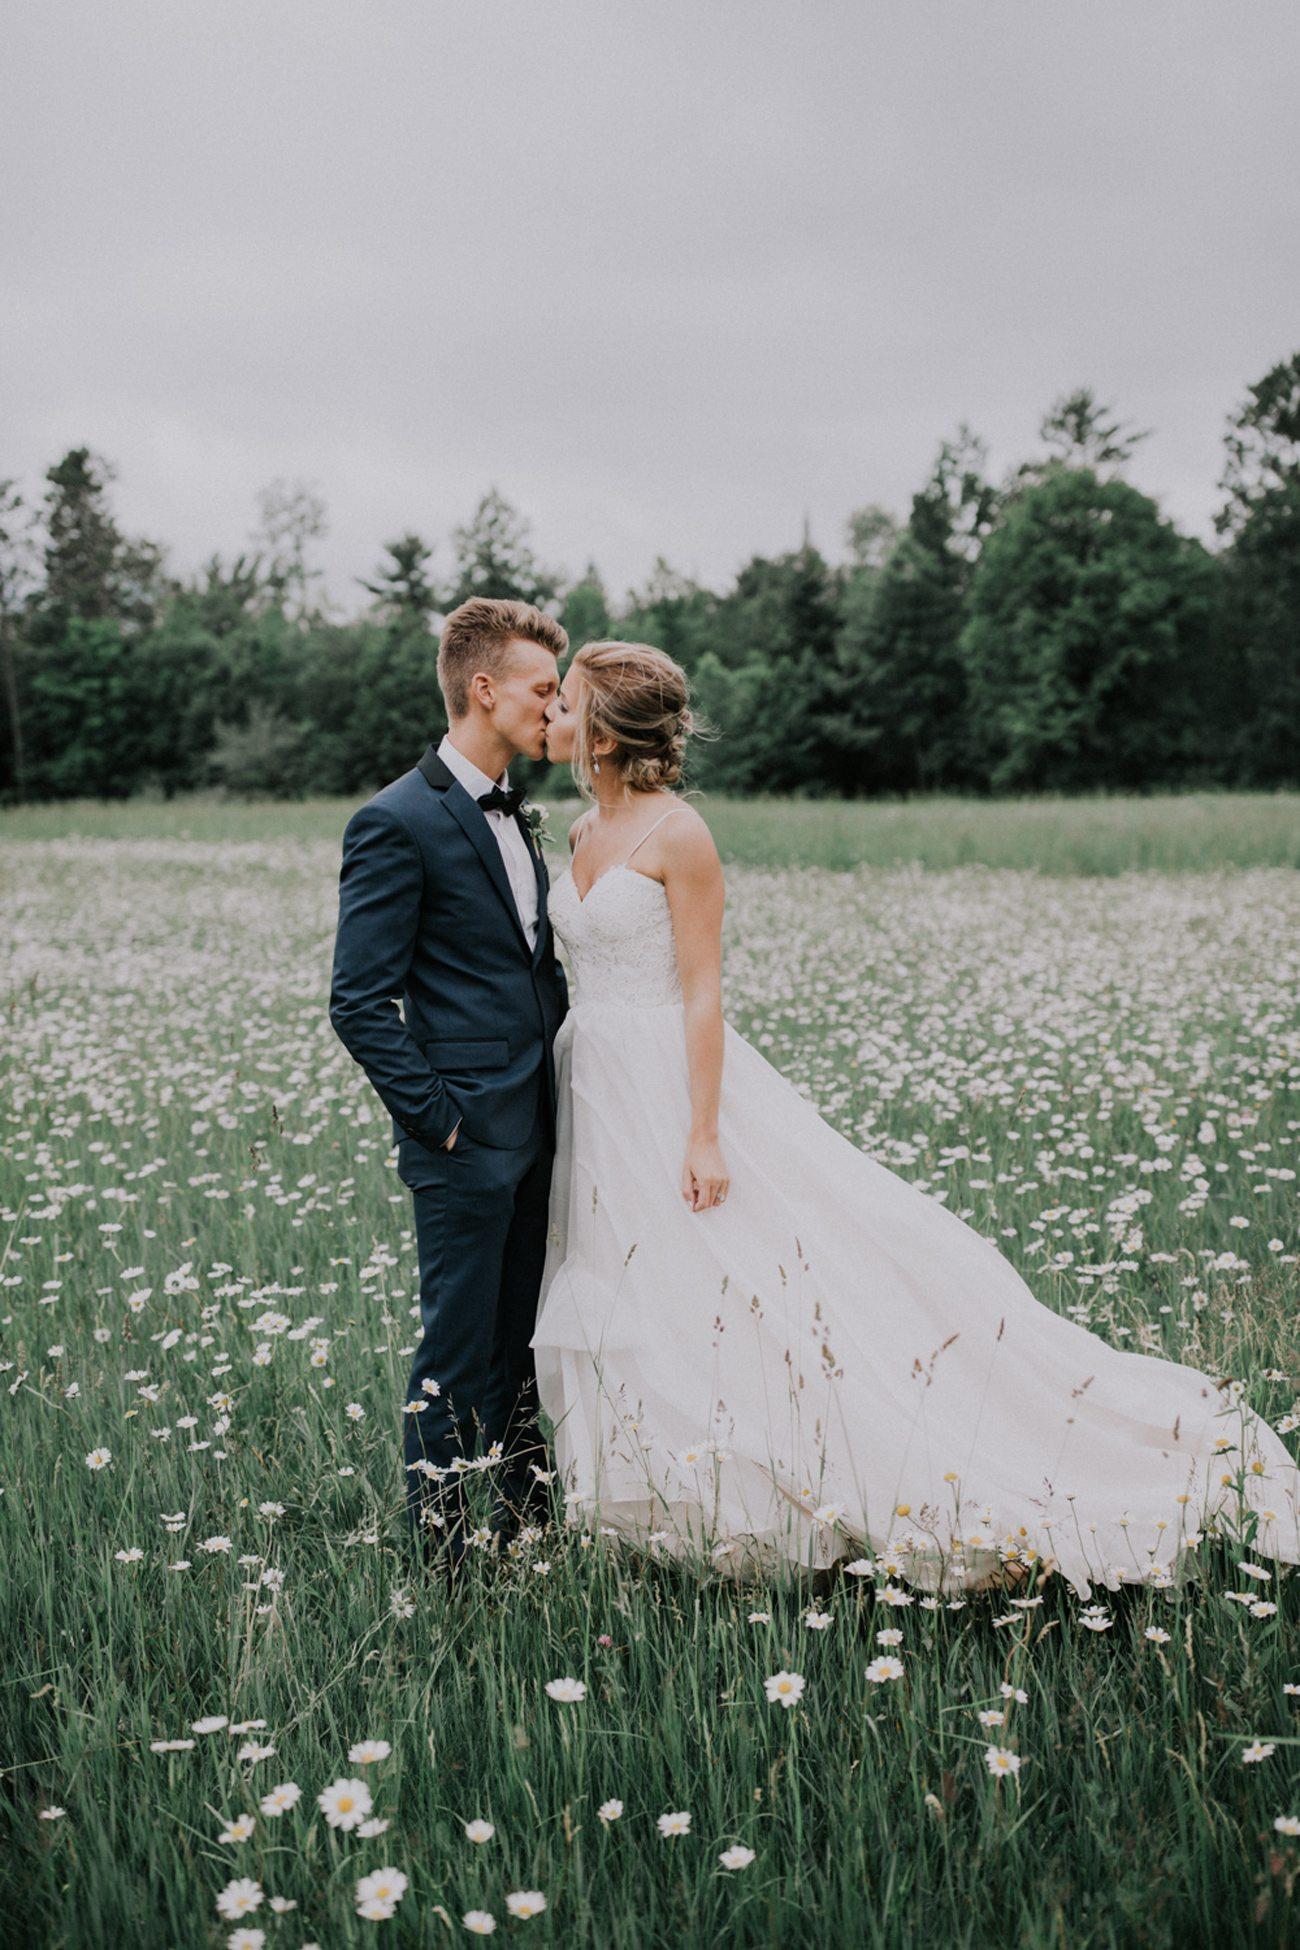 289-victoria-wedding-photographer